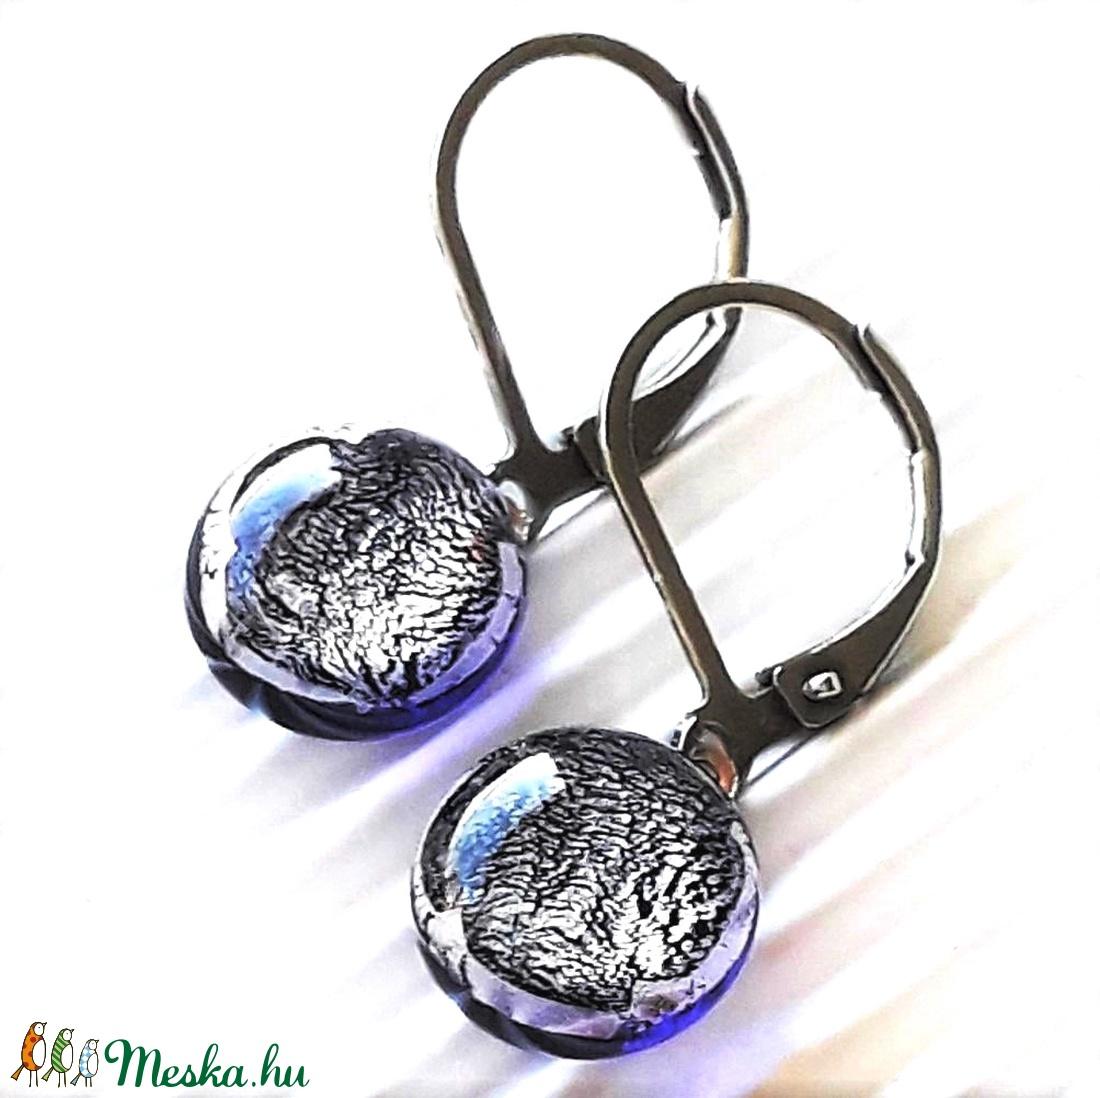 Ezüstös viola dichroic üveg fülbevaló orvosi fém francia kapcsos alapon, üvegékszer - ékszer - fülbevaló - lógós kerek fülbevaló - Meska.hu